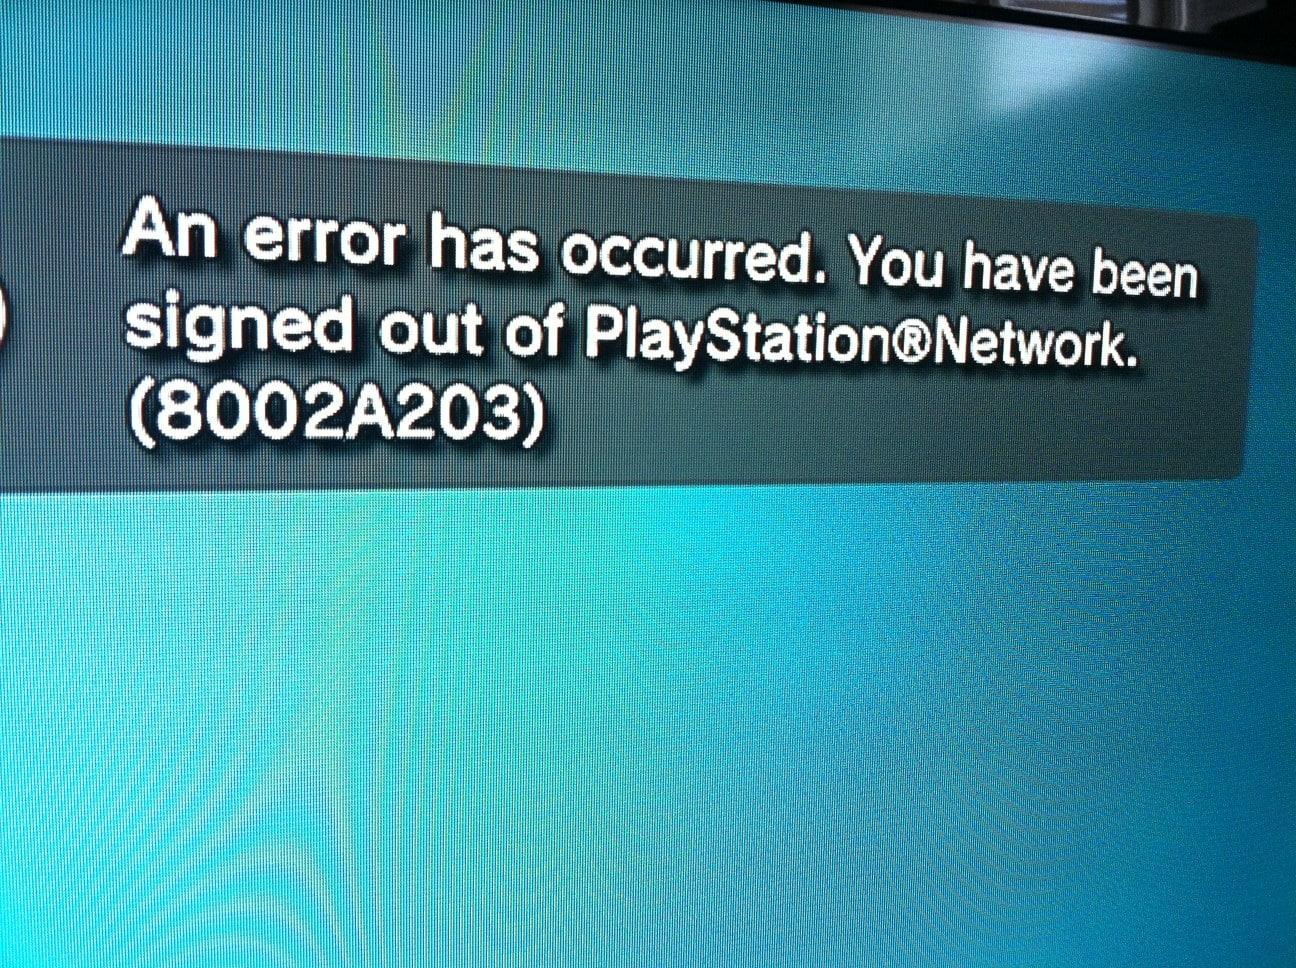 La caída simultánea de PlayStation Network y Xbox Live fue adjudicado por el grupo Lizard Squad.